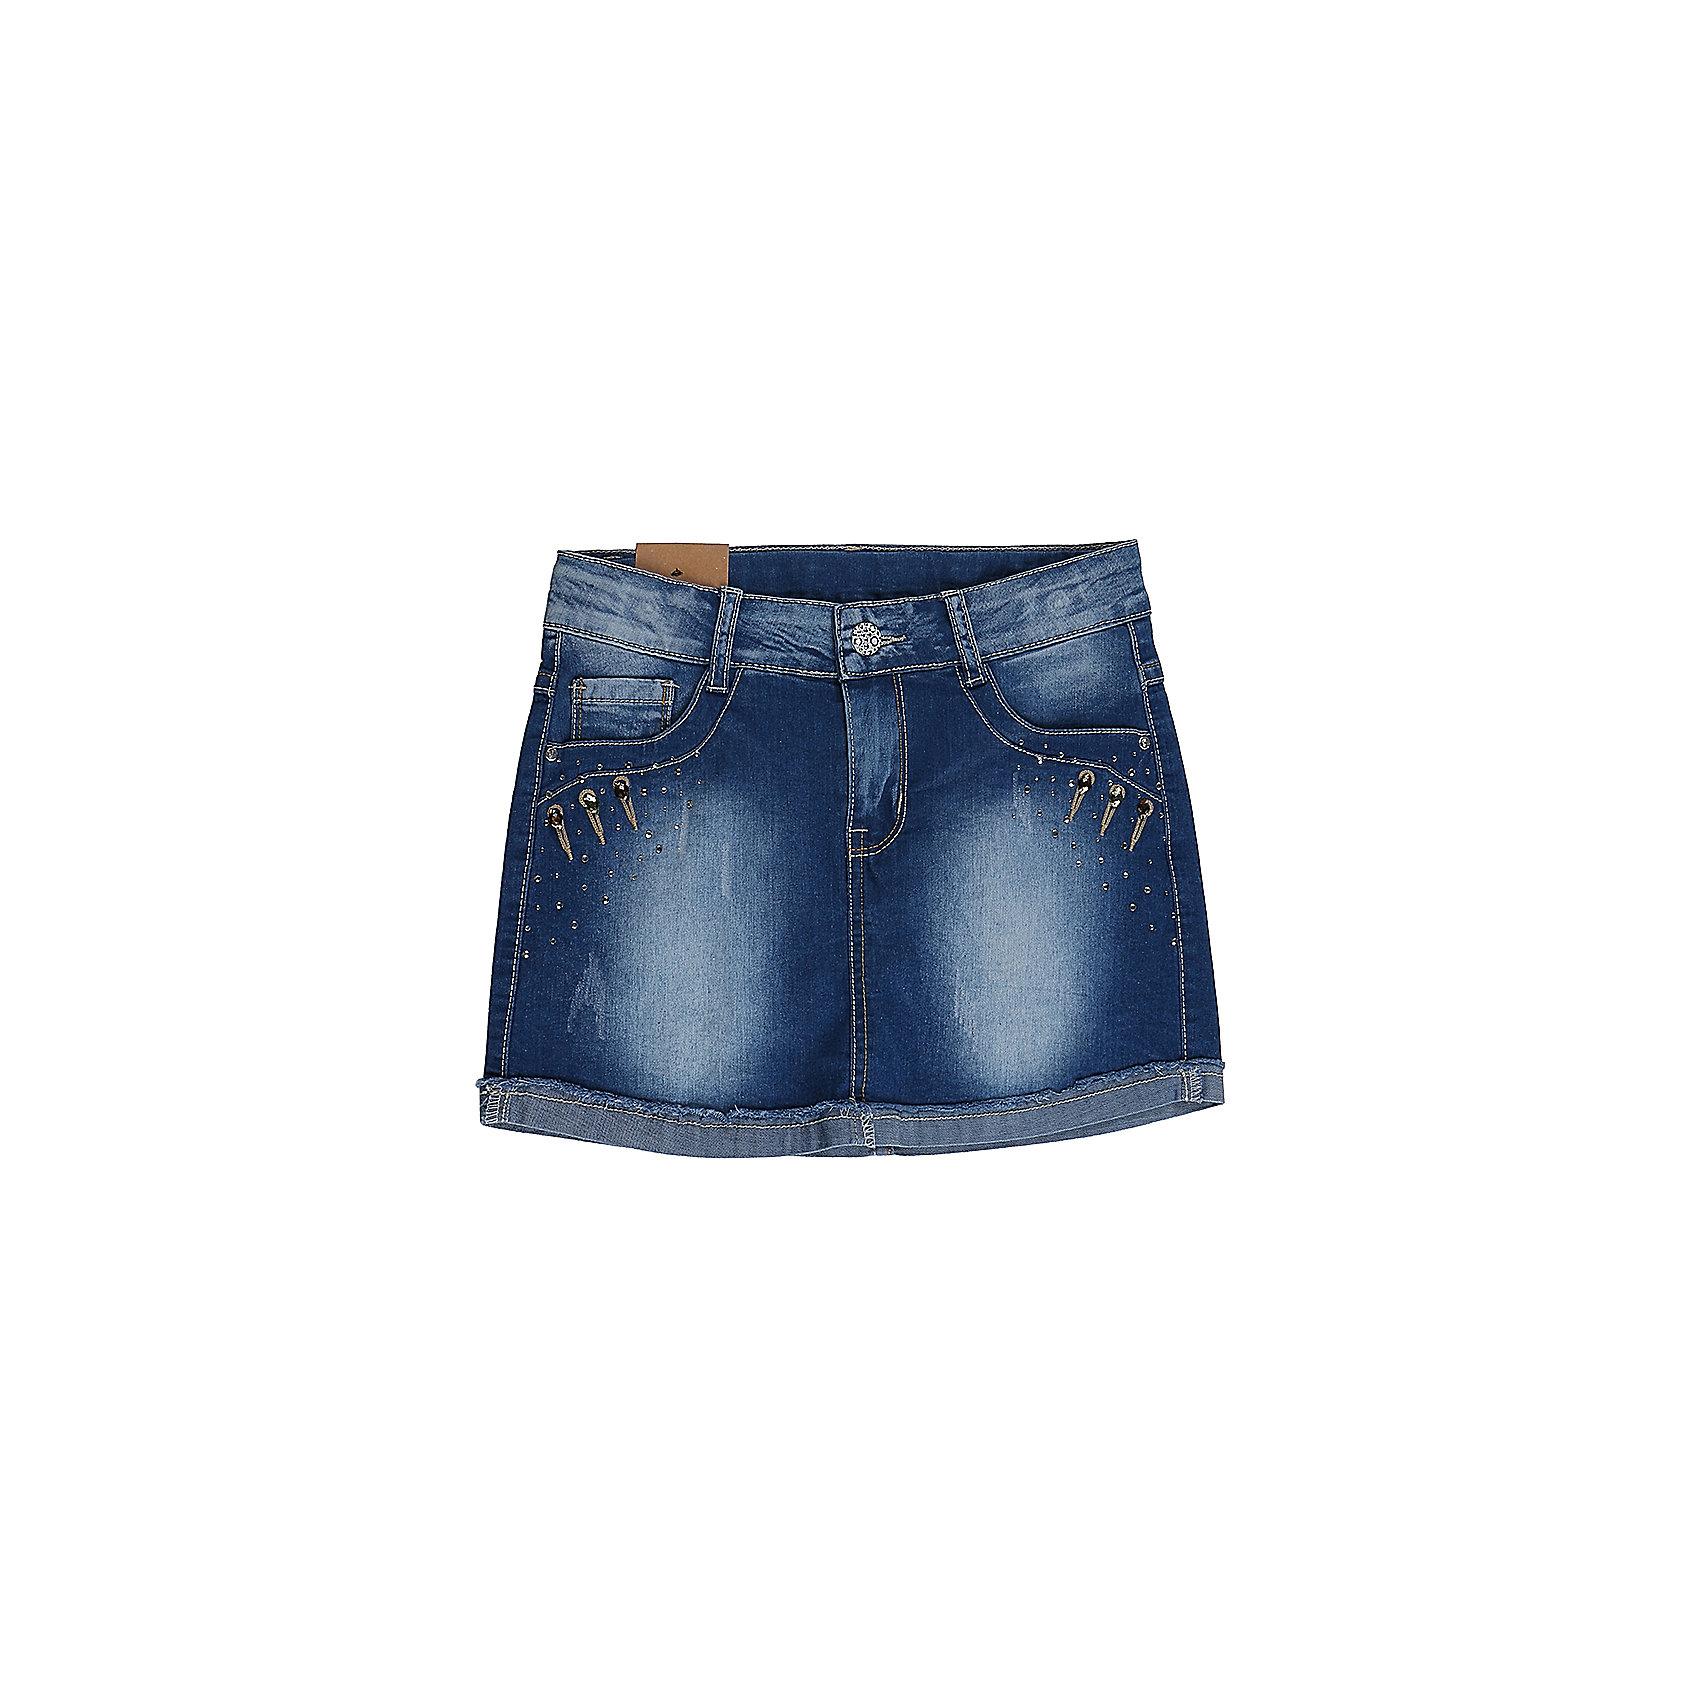 Юбка джинсовая для девочки LuminosoЮбки<br>Джинсовая юбка оригинальной варки  для девочки. Карманы Декорированы стразами. Пояс с регулировкой внутренней резинкой.<br>Состав:<br>98%хлопок 2%эластан<br><br>Ширина мм: 207<br>Глубина мм: 10<br>Высота мм: 189<br>Вес г: 183<br>Цвет: синий<br>Возраст от месяцев: 96<br>Возраст до месяцев: 108<br>Пол: Женский<br>Возраст: Детский<br>Размер: 134,140,146,152,158,164<br>SKU: 5413200